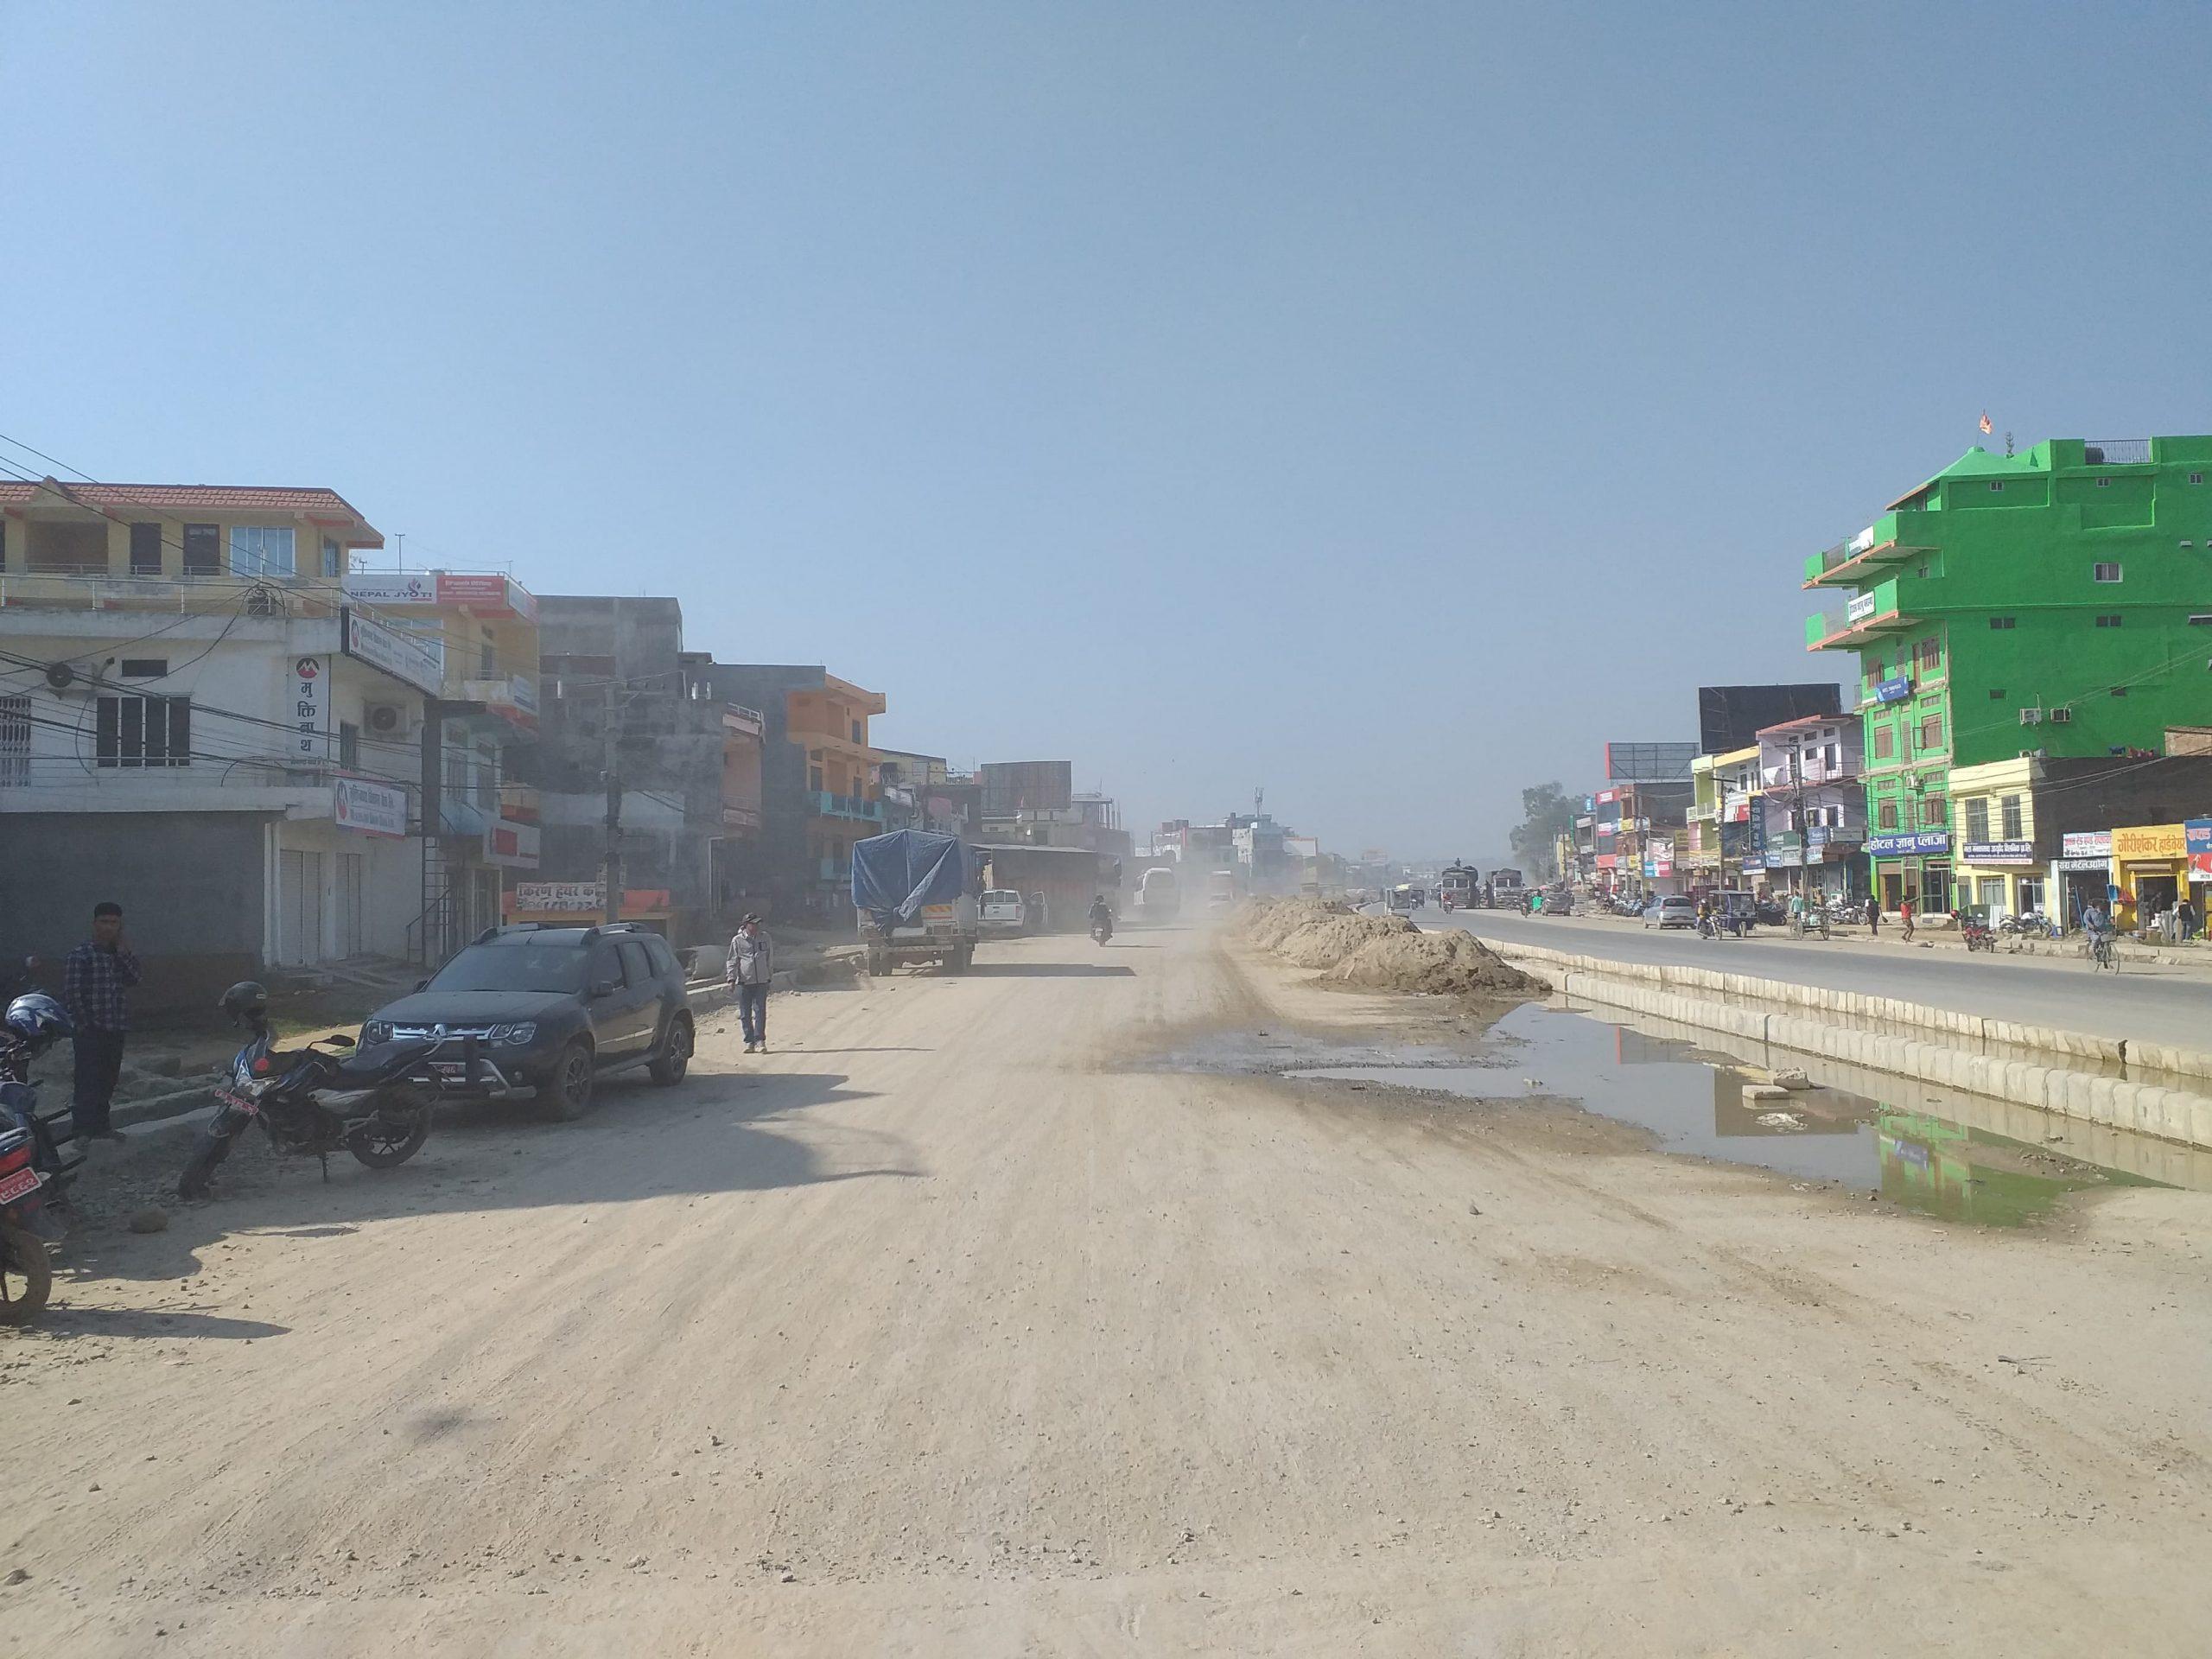 धुलाम्मे धनगढी, ठेकेदारको पुरानै गतिमति (फोटो फिचर)